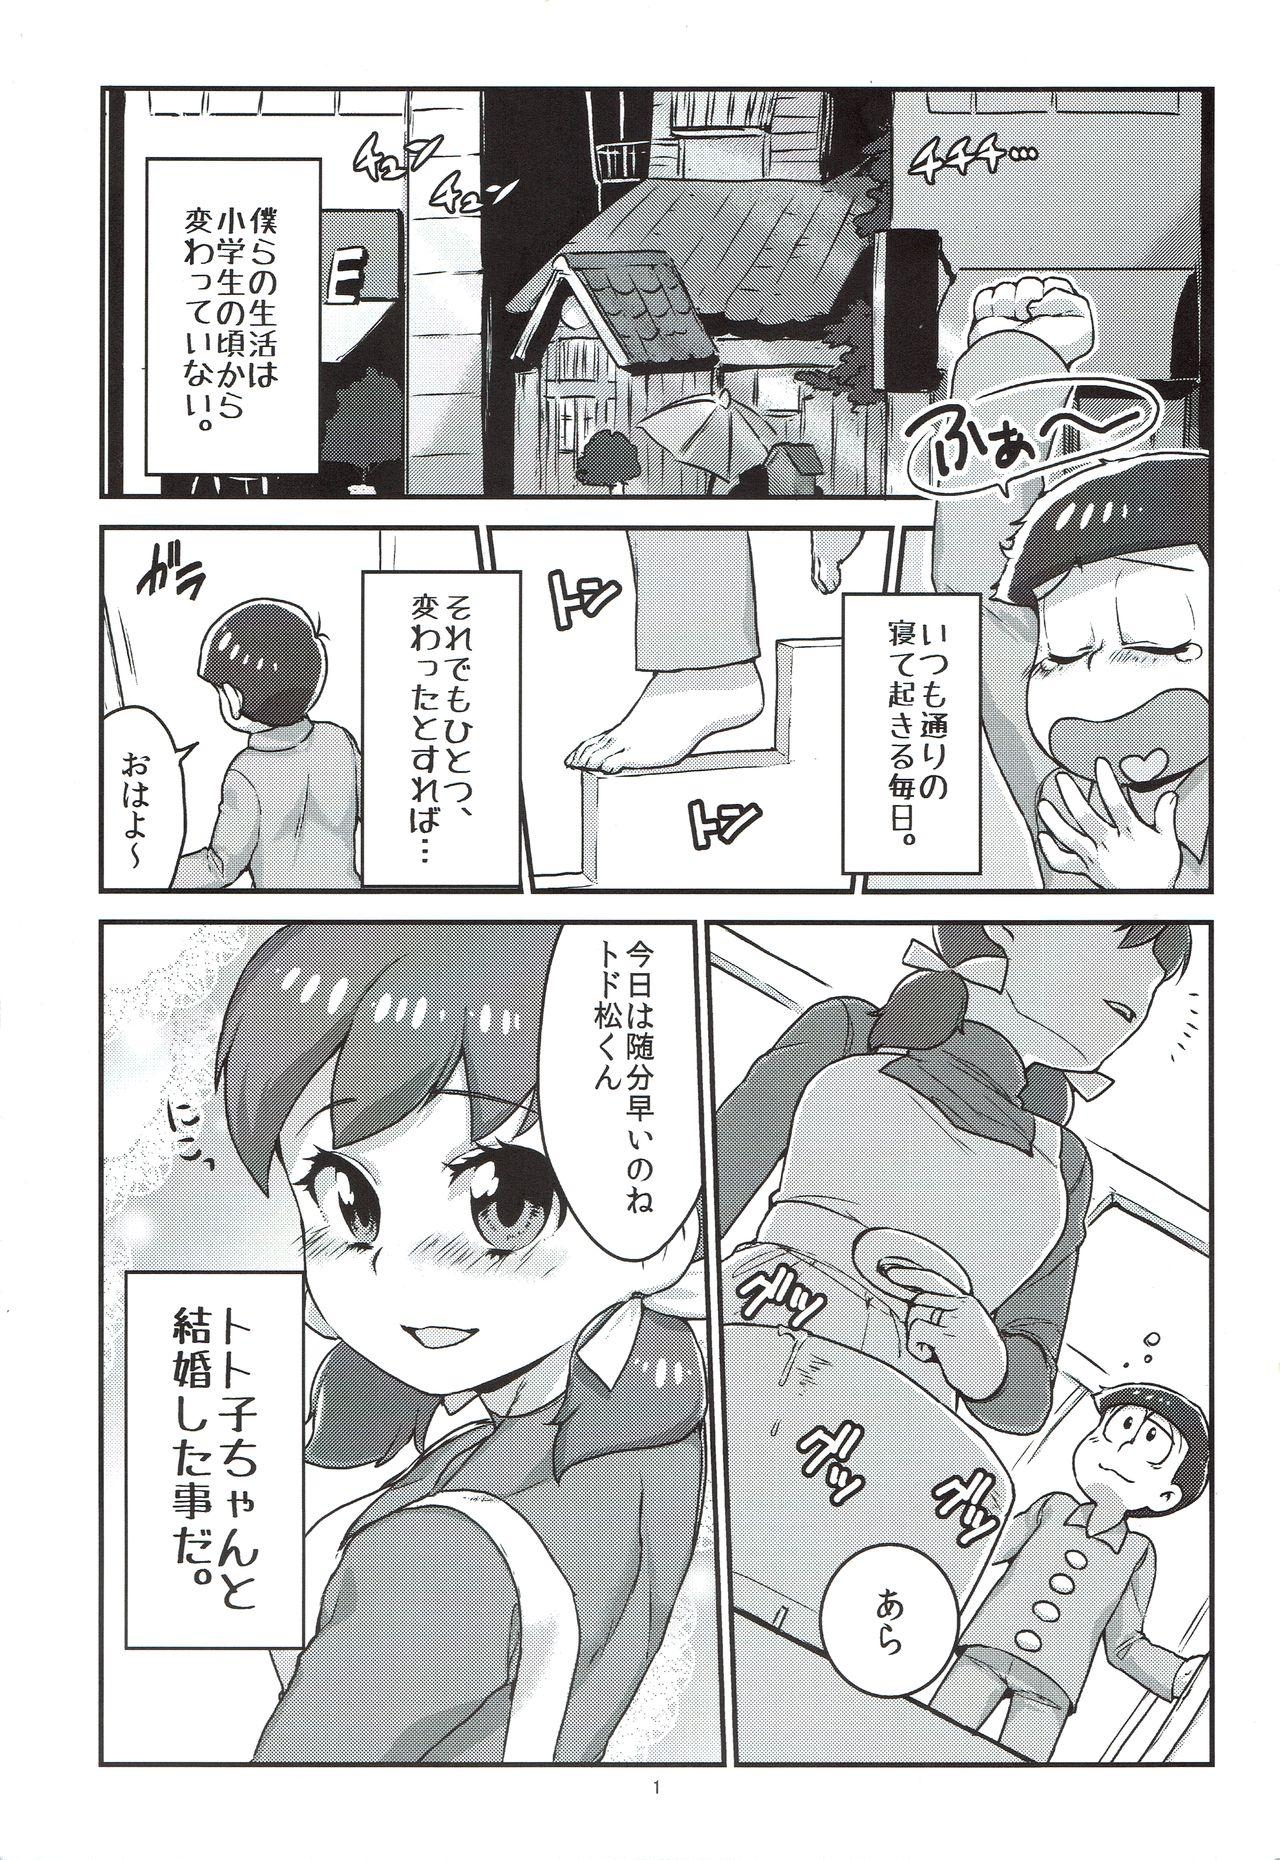 Mutsugo to Totoko-chan no Juukon Seikatsu 1